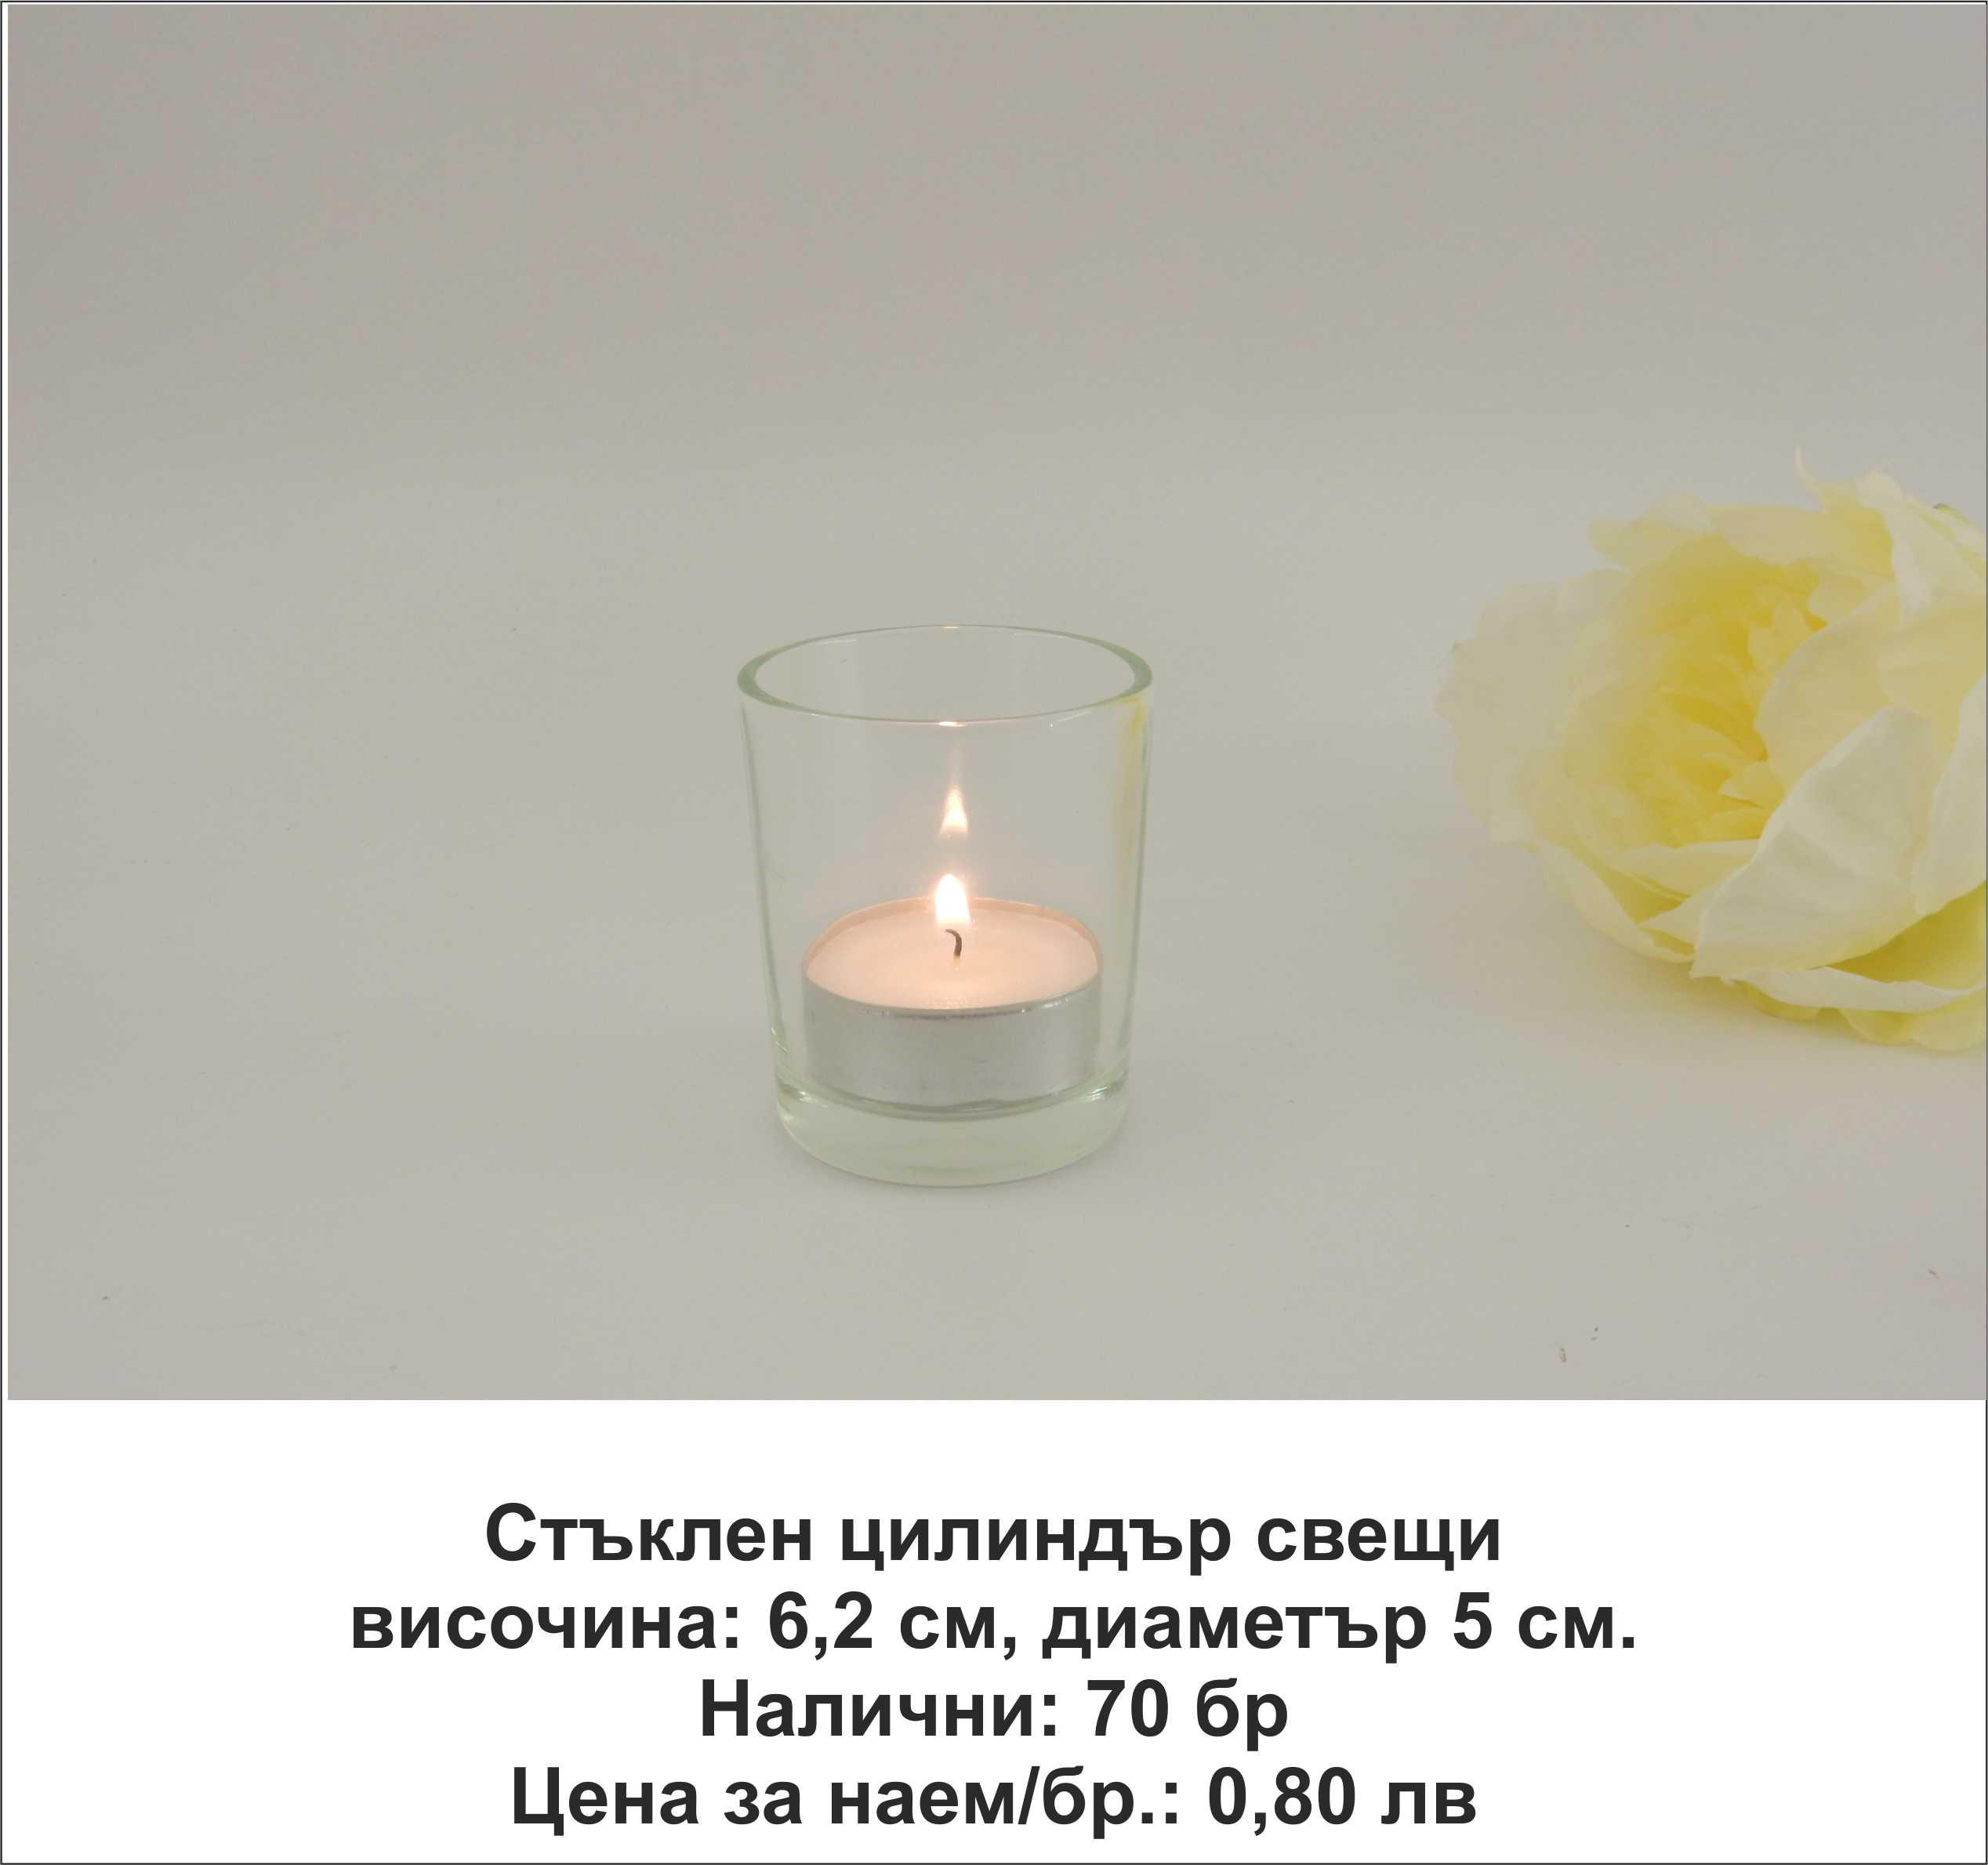 Цилиндър малък. За чаена или цилиндрична свещ. Височина 6,5 см. Цена за наем: 0,80 лв.